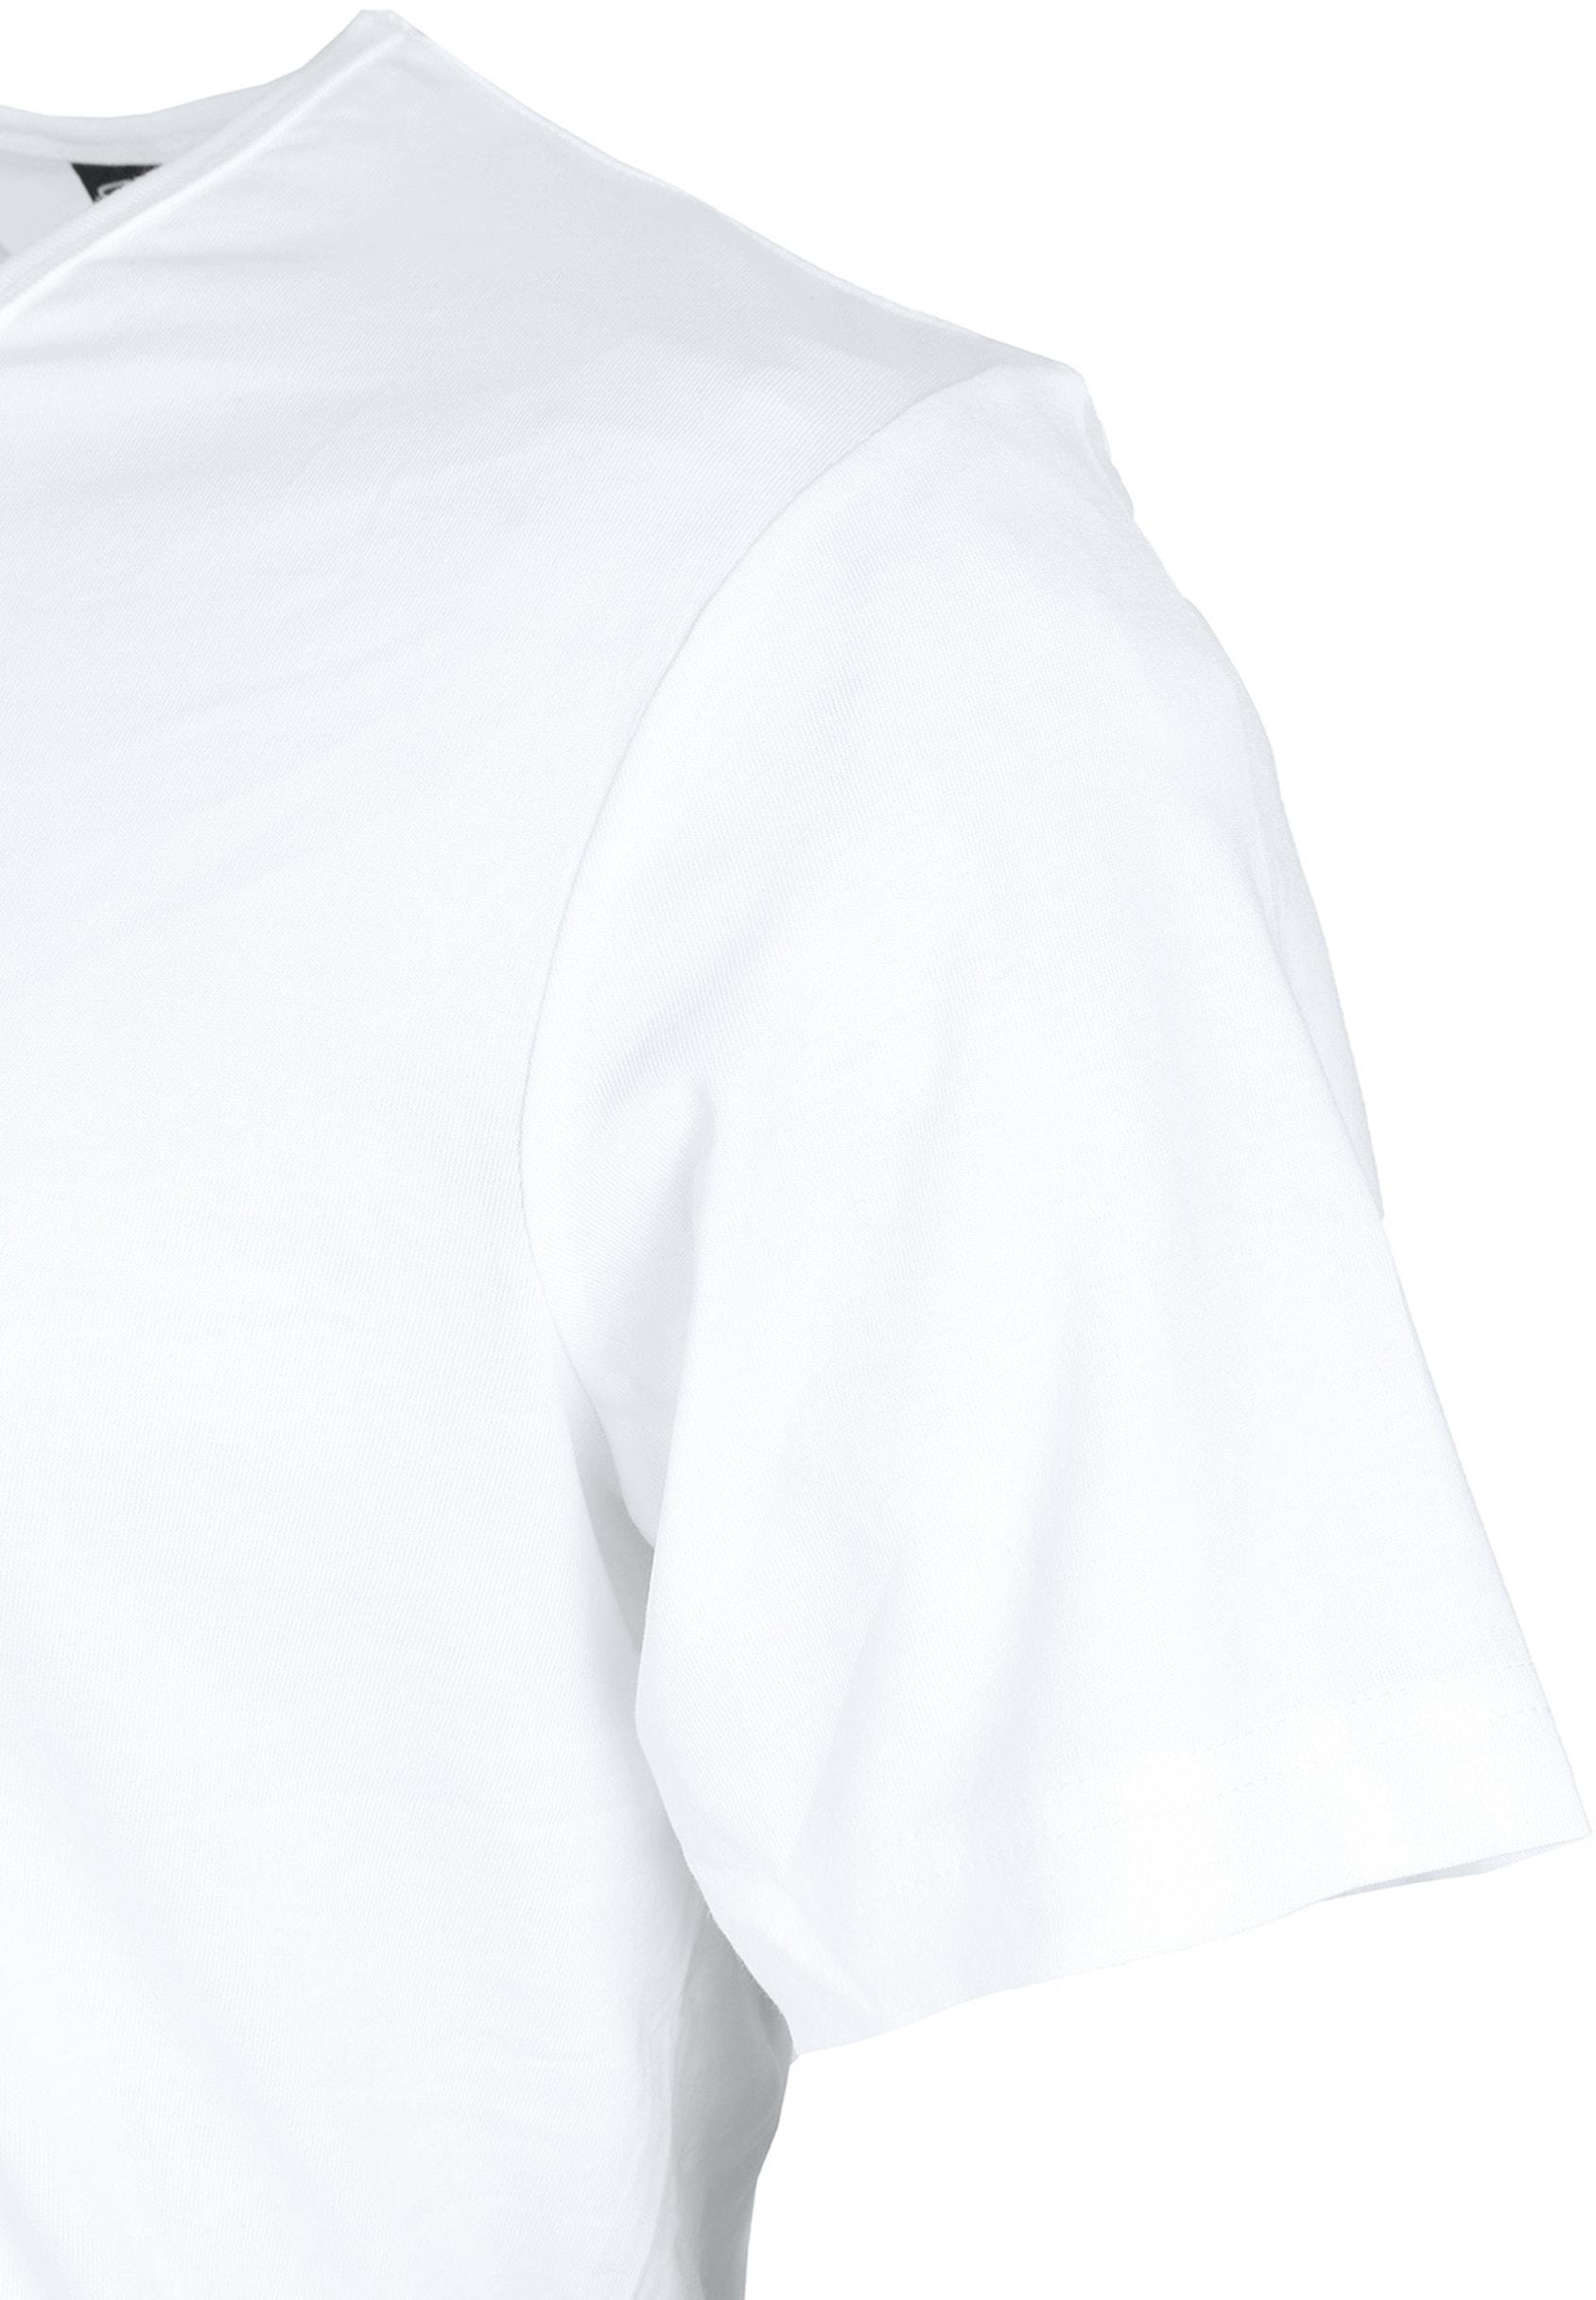 T-Shirt V-Ausschnitt 2-Pack Weiß foto 3